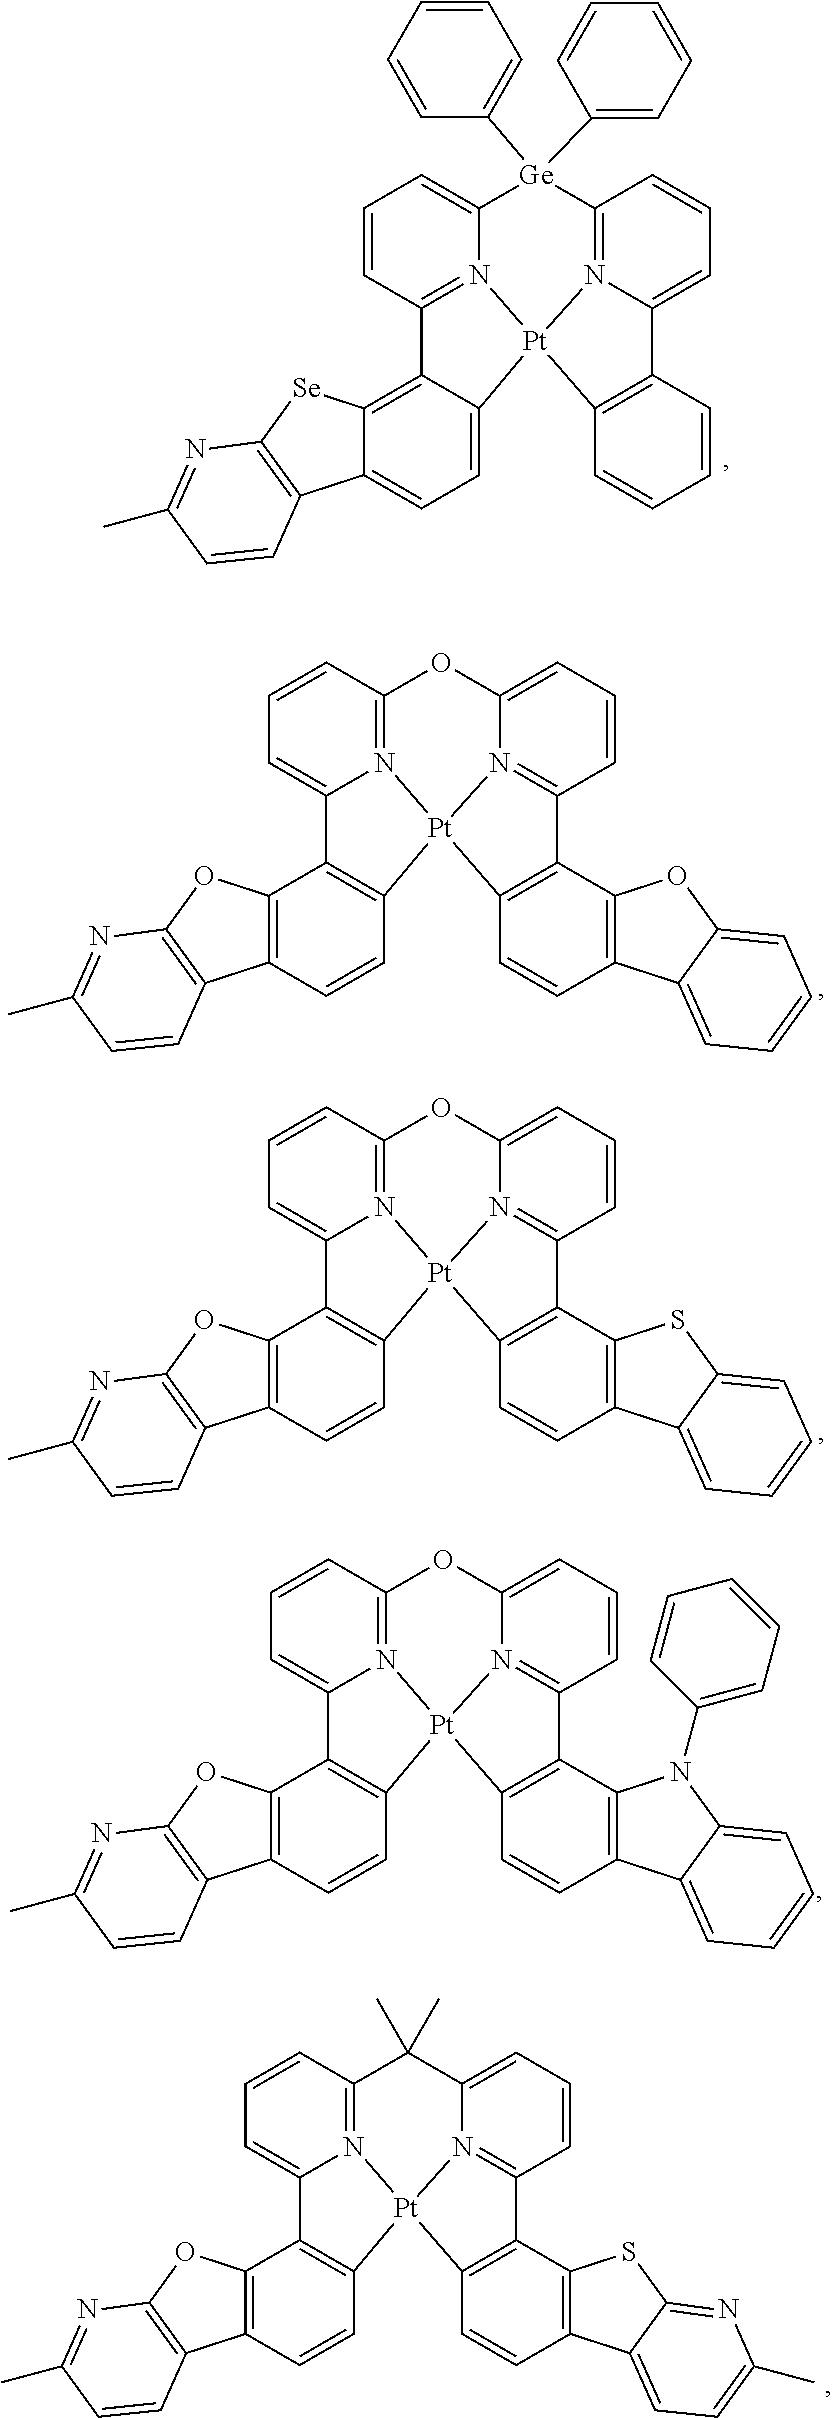 Figure US09871214-20180116-C00274